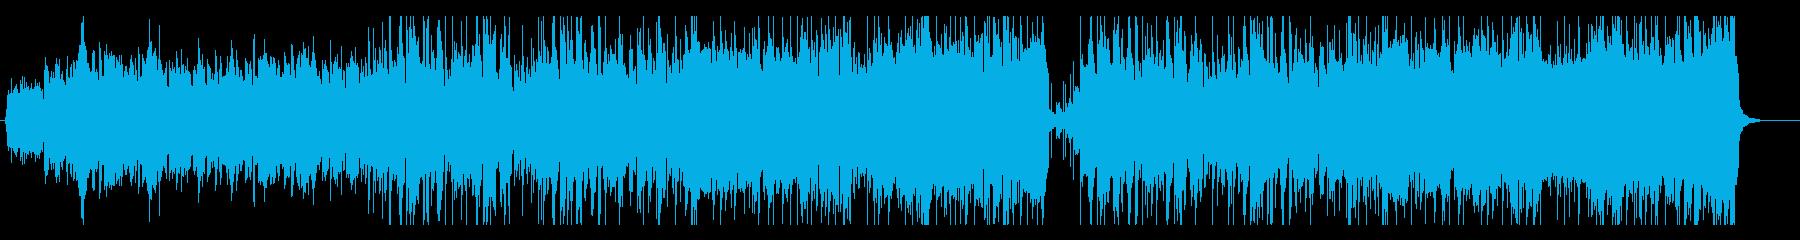 大空を漂うイメージの曲の再生済みの波形